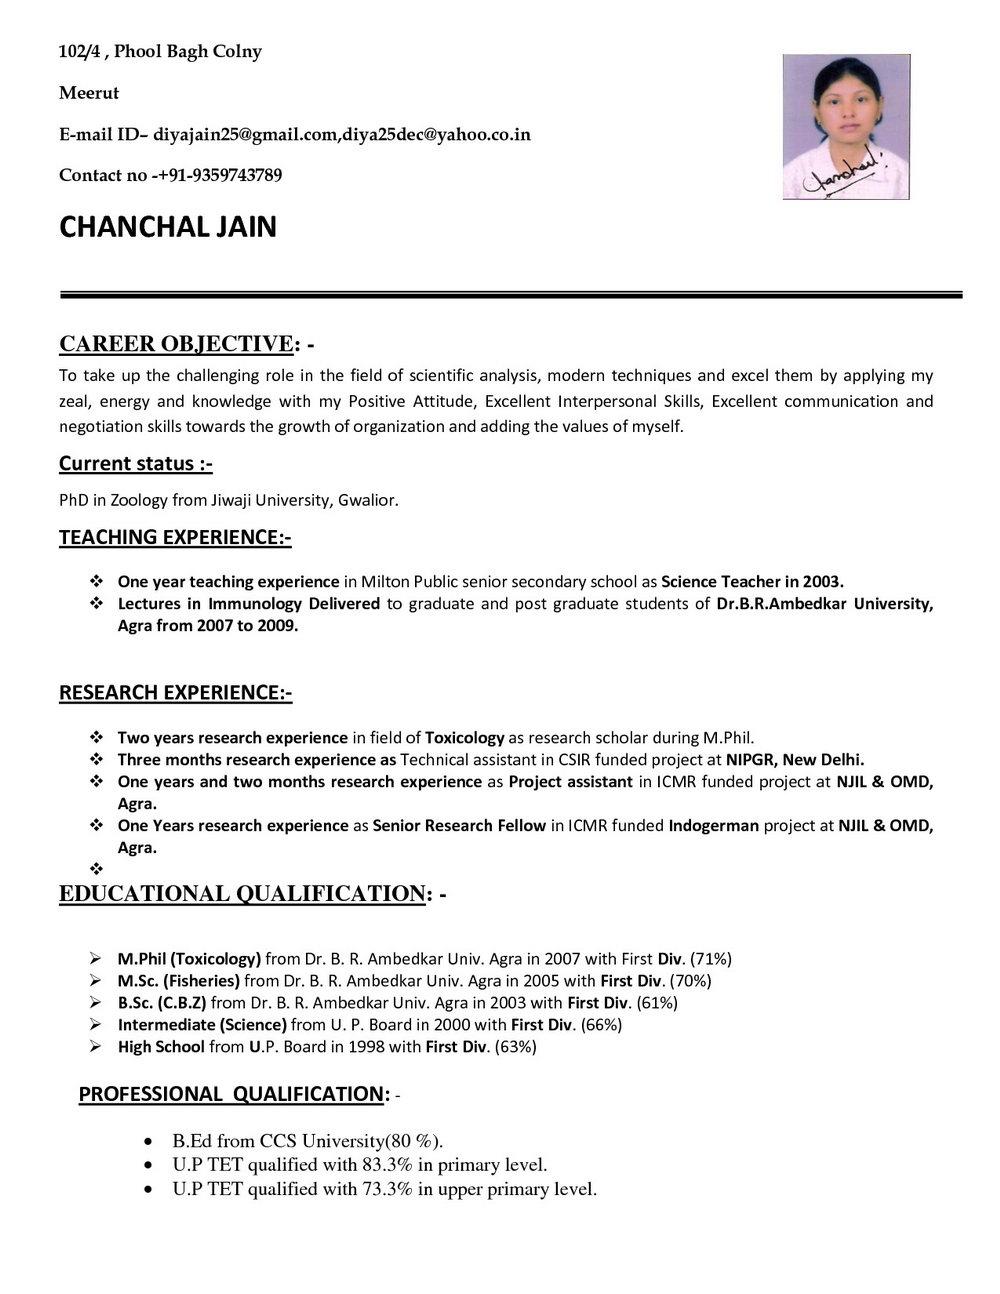 Simple Resume Format For Teacher Job